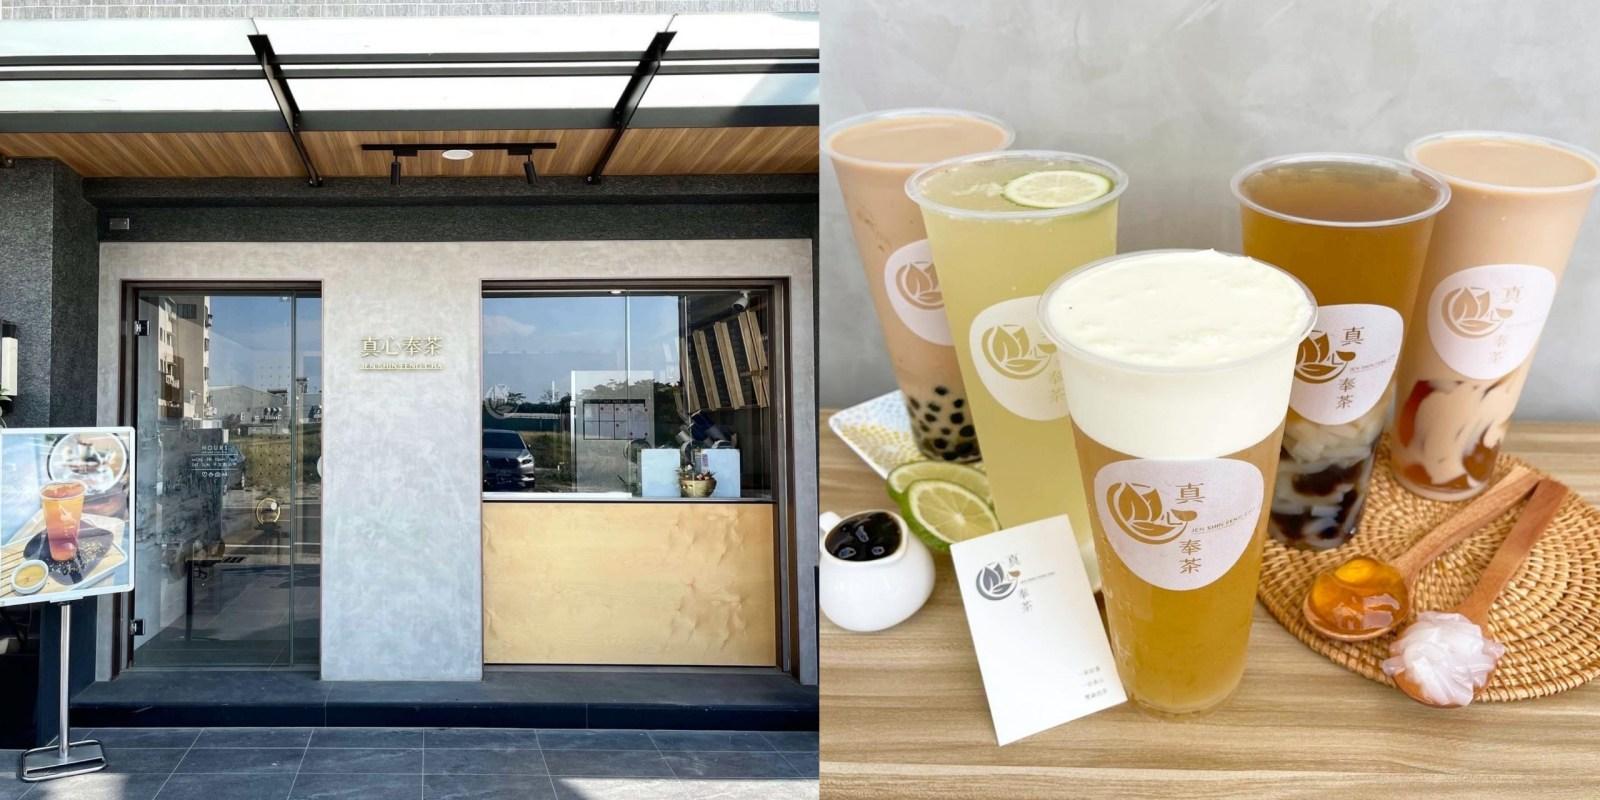 [台南美食] 真心奉茶 - 不用加冰塊!使用特殊急速冷卻技術來保留茶的原味